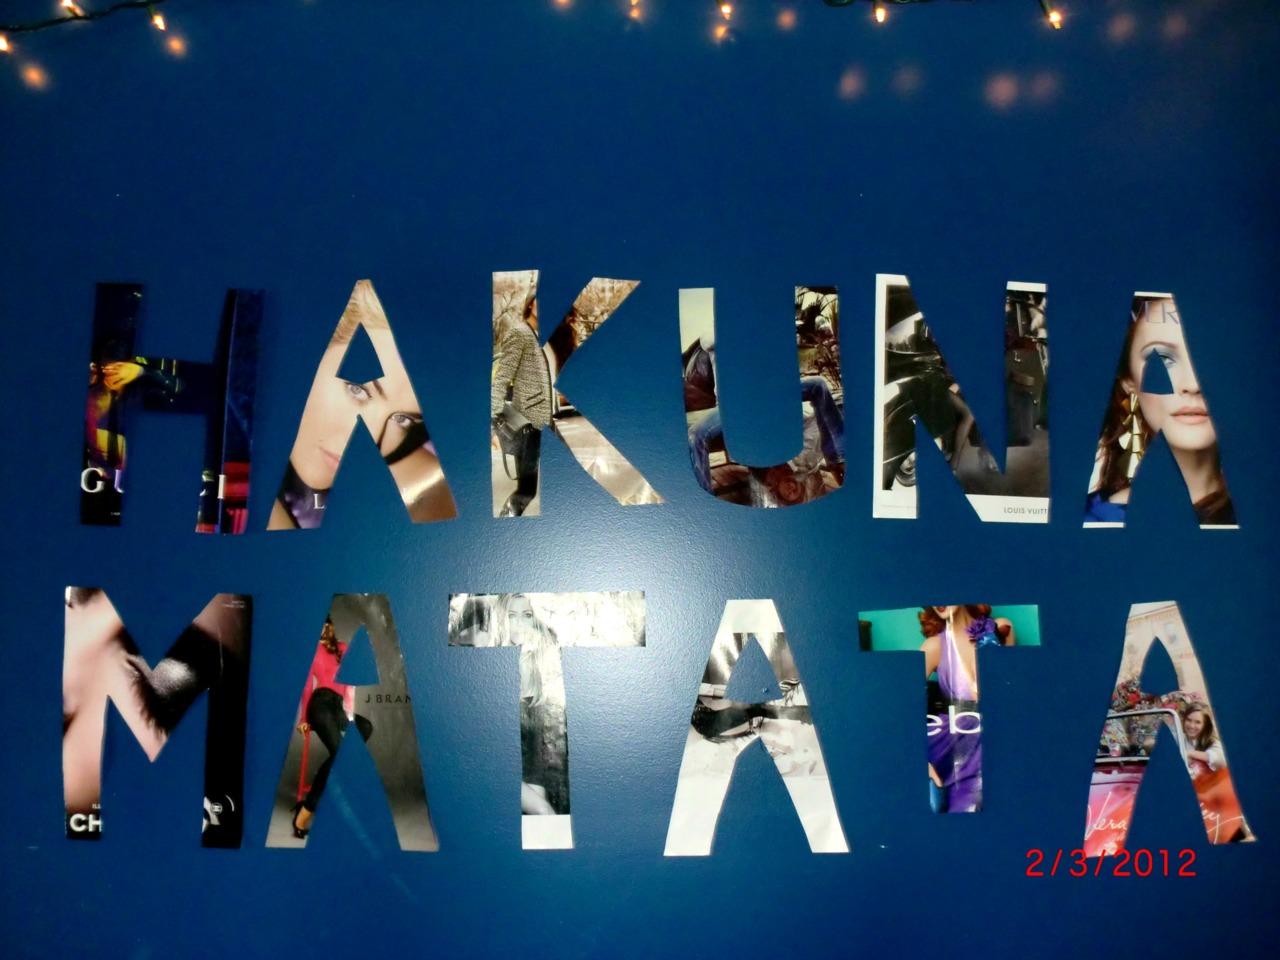 Hakuna Matata Wallpaper - WallpaperSafari